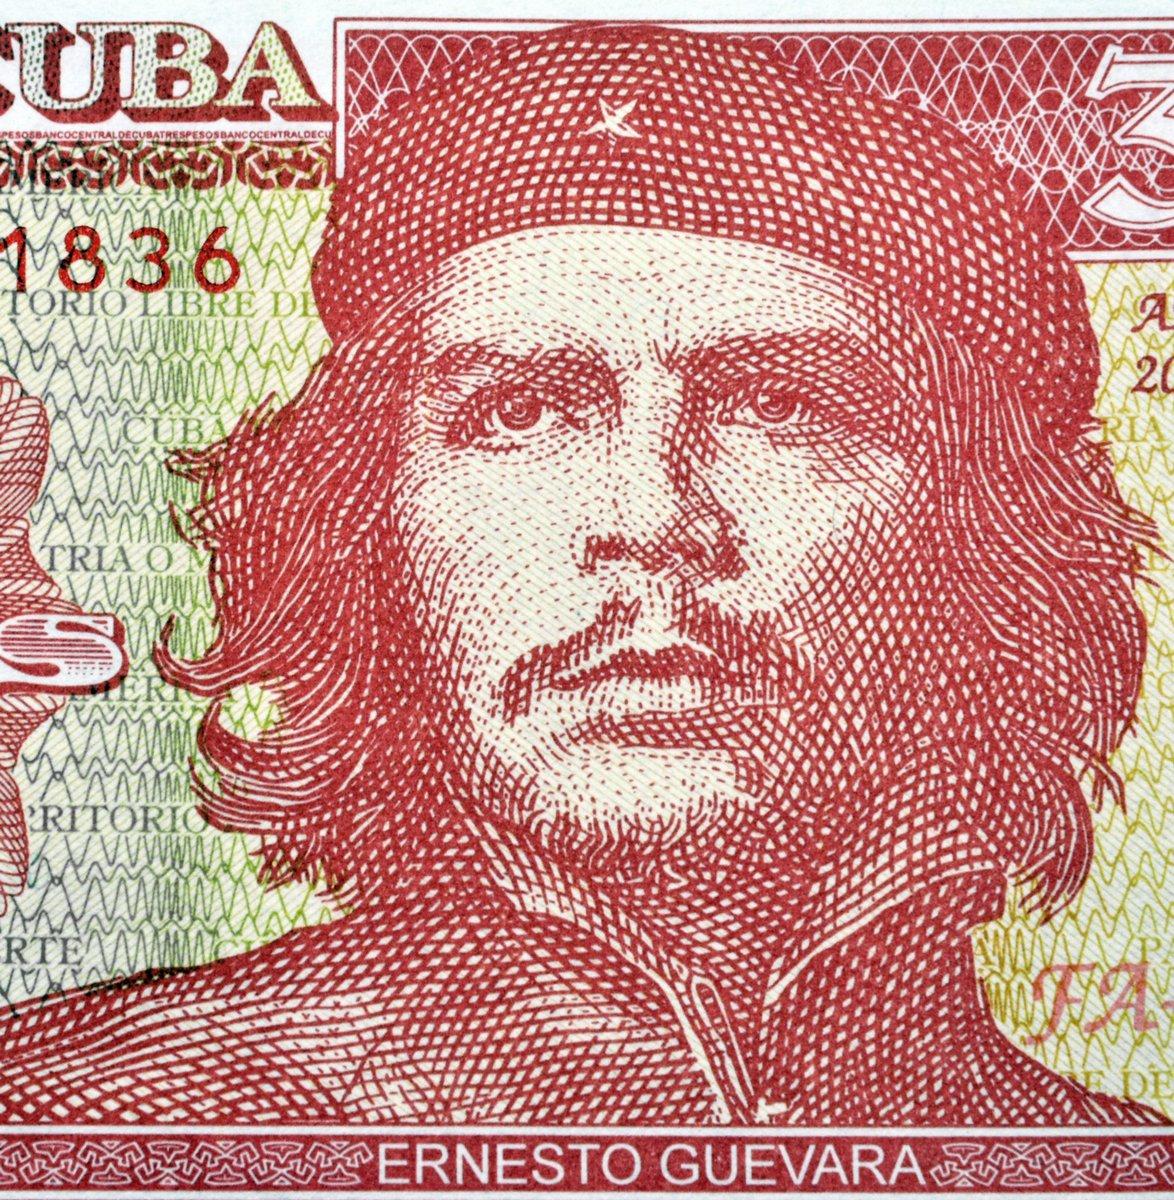 Постер Аргентина Подробно Че Гевары на Vintage 3 Песо банкноты с КубыАргентина<br>Постер на холсте или бумаге. Любого нужного вам размера. В раме или без. Подвес в комплекте. Трехслойная надежная упаковка. Доставим в любую точку России. Вам осталось только повесить картину на стену!<br>